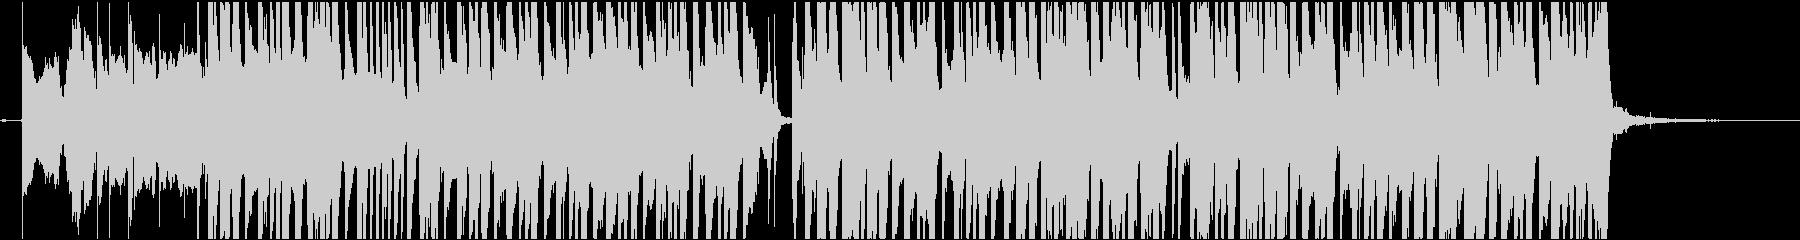 ティーン ポップ テクノ レゲエ ...の未再生の波形